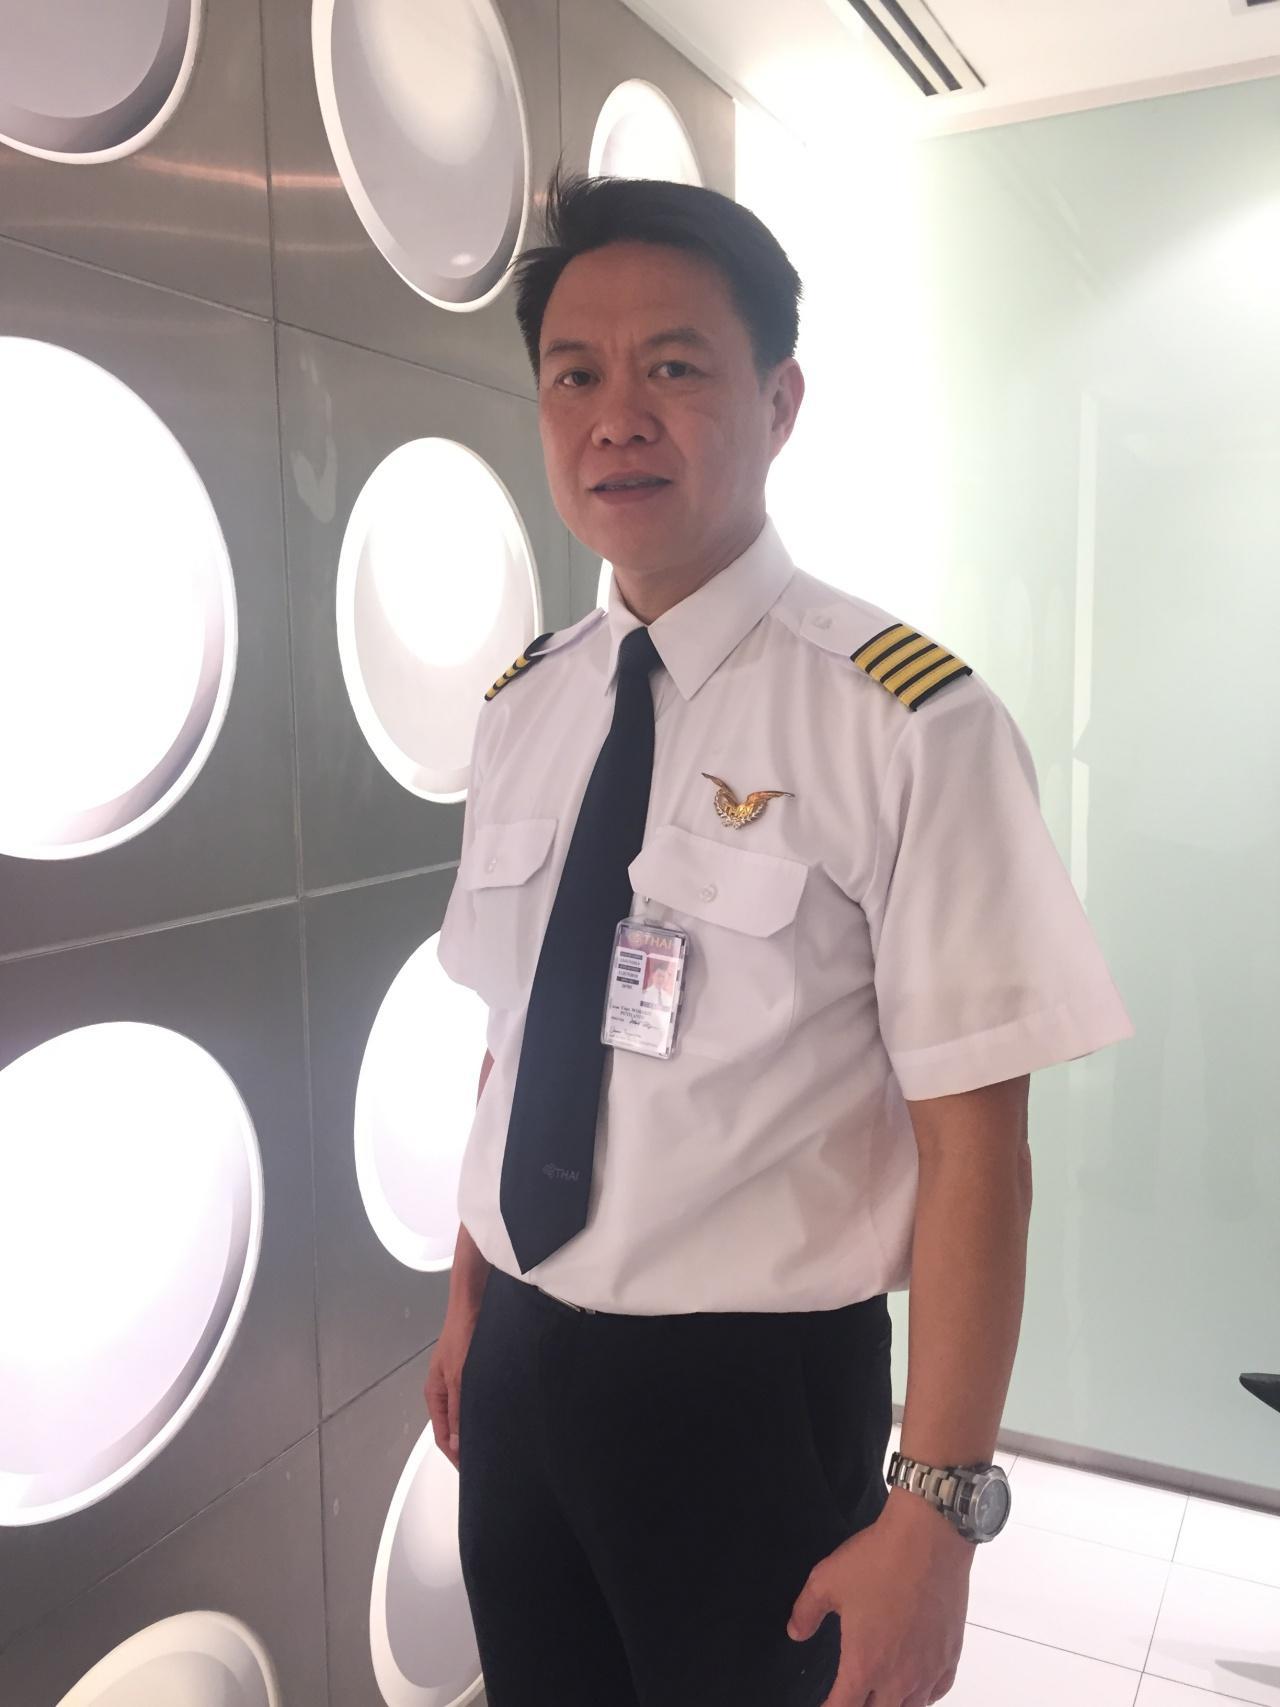 กัปตันวรกิจ ภูติยานันต์ หัวหน้านักบิน โบอิ้ง 737-400 การบินไทย